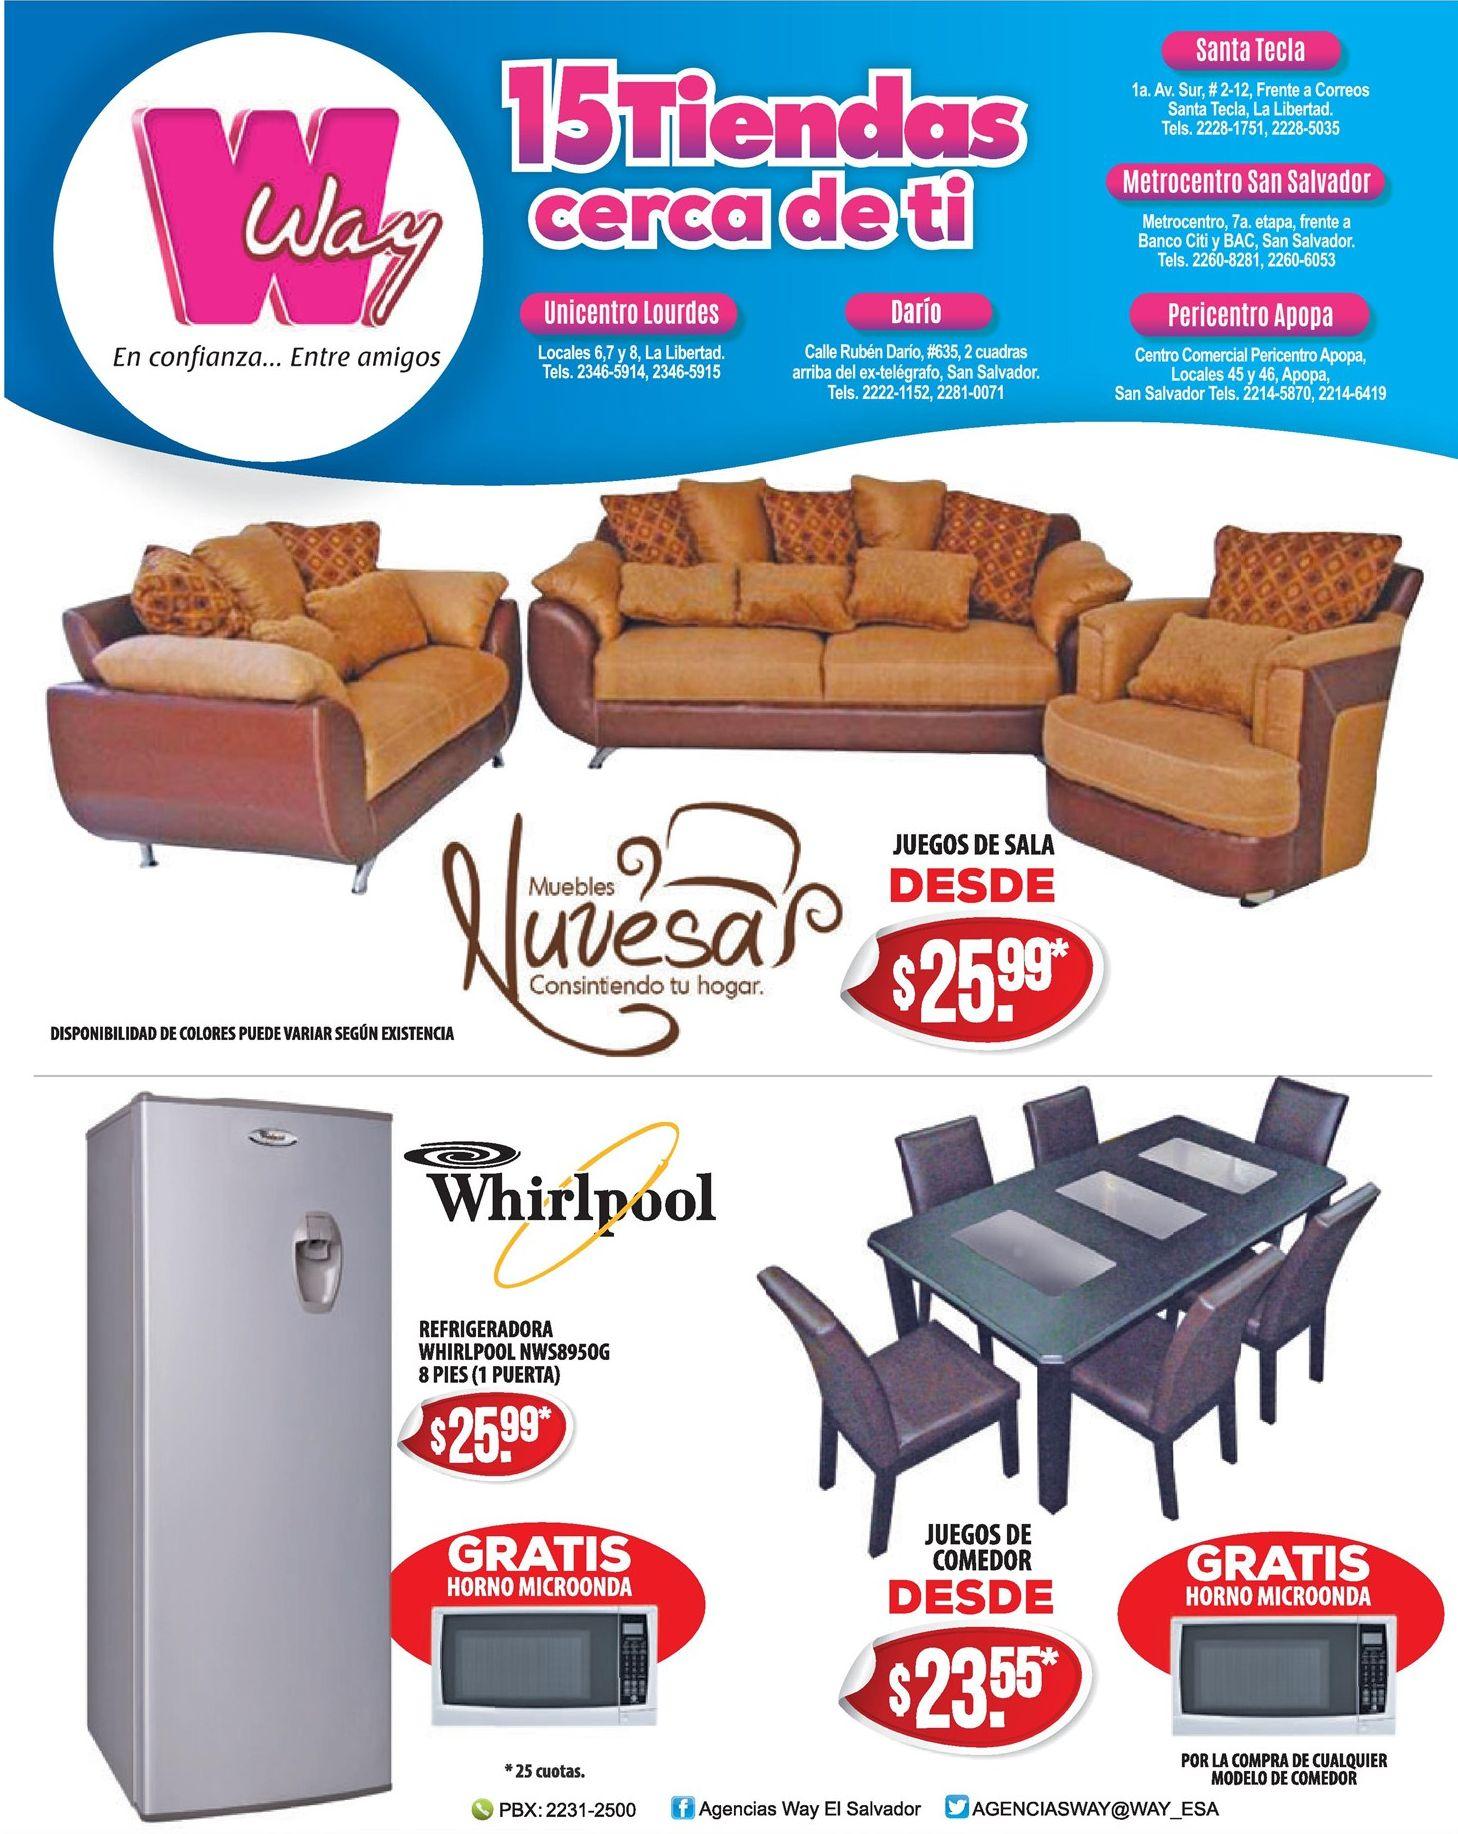 Almacenes way opciones en muebles a buen precio ofertas - Muebles a buen precio ...